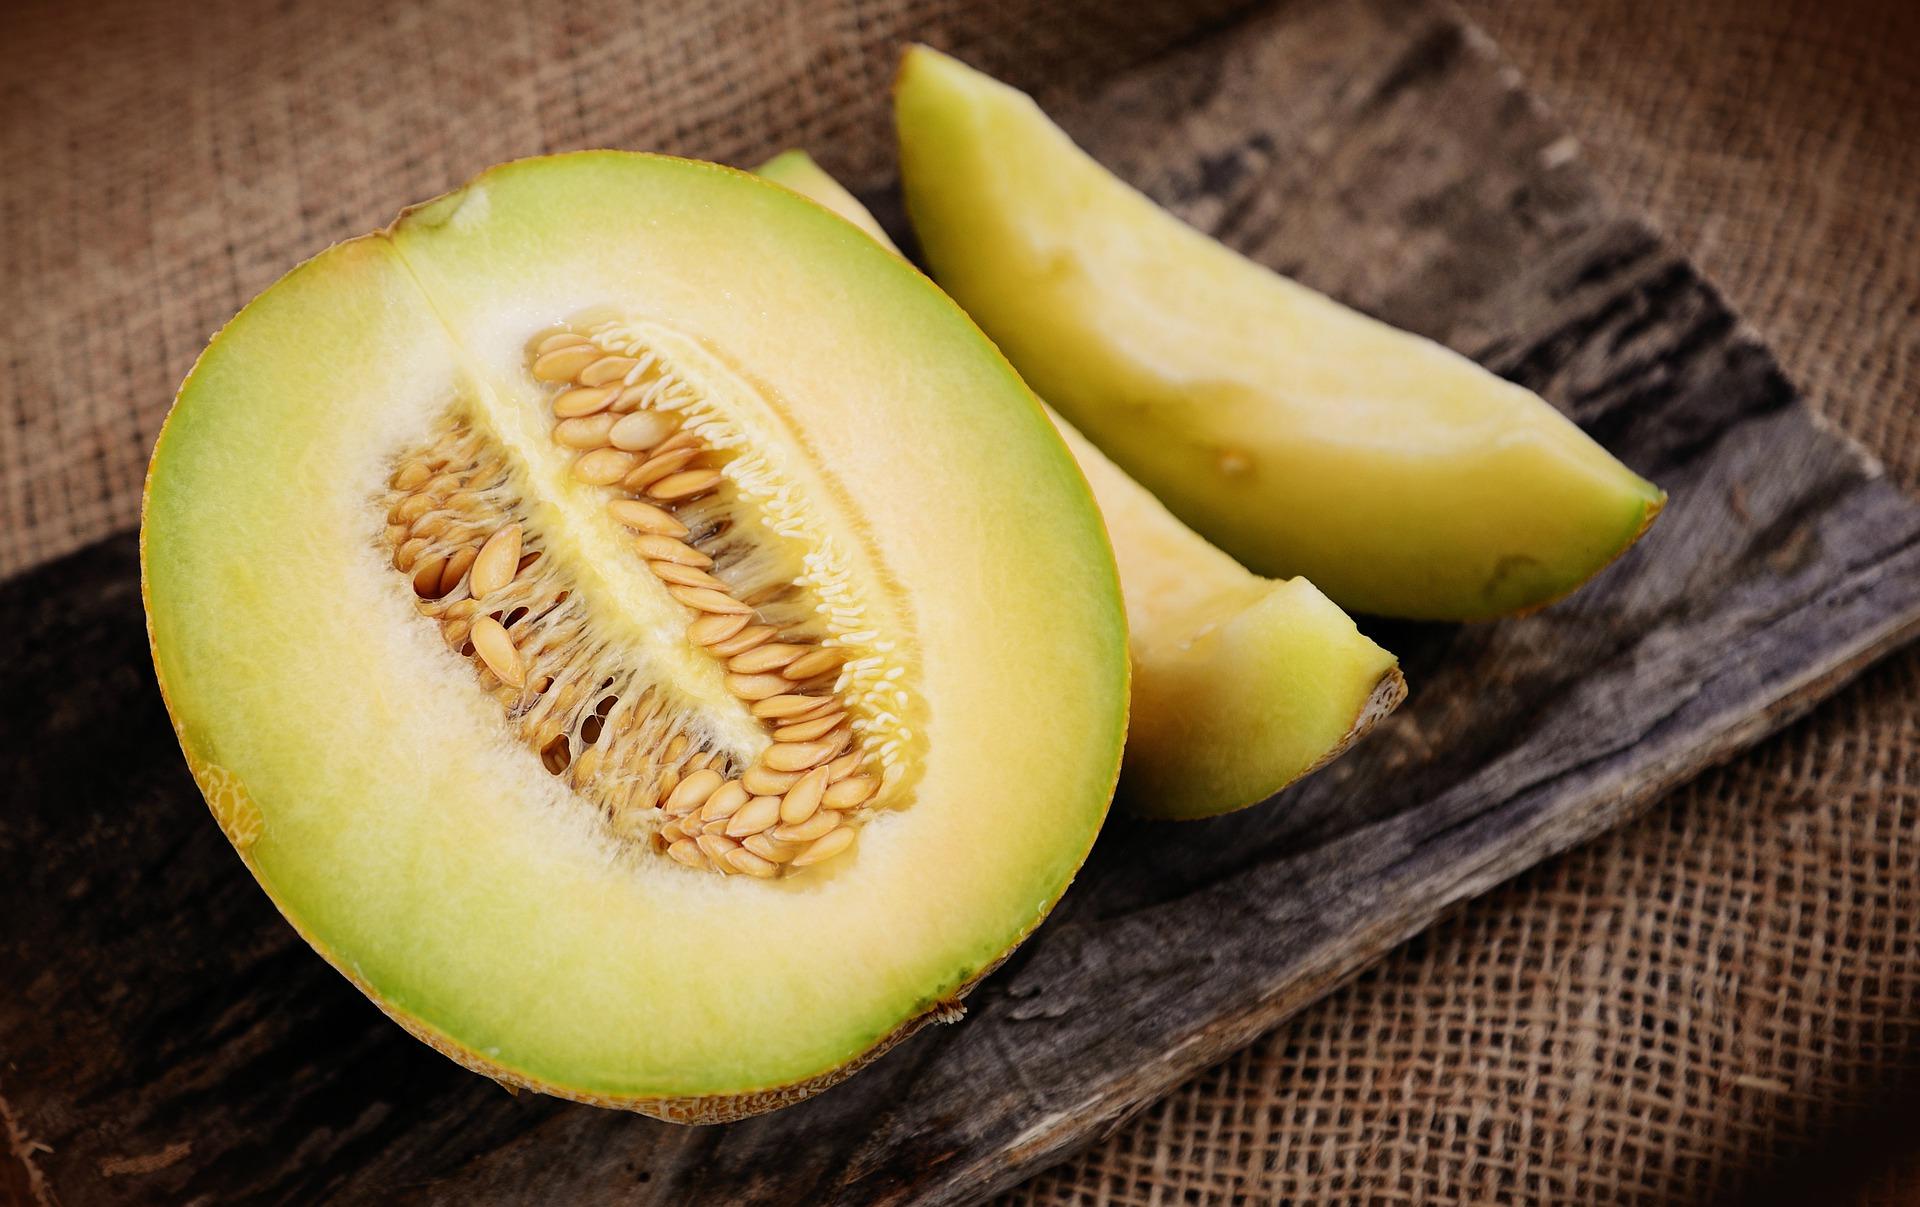 Un meló obert | Pixabay